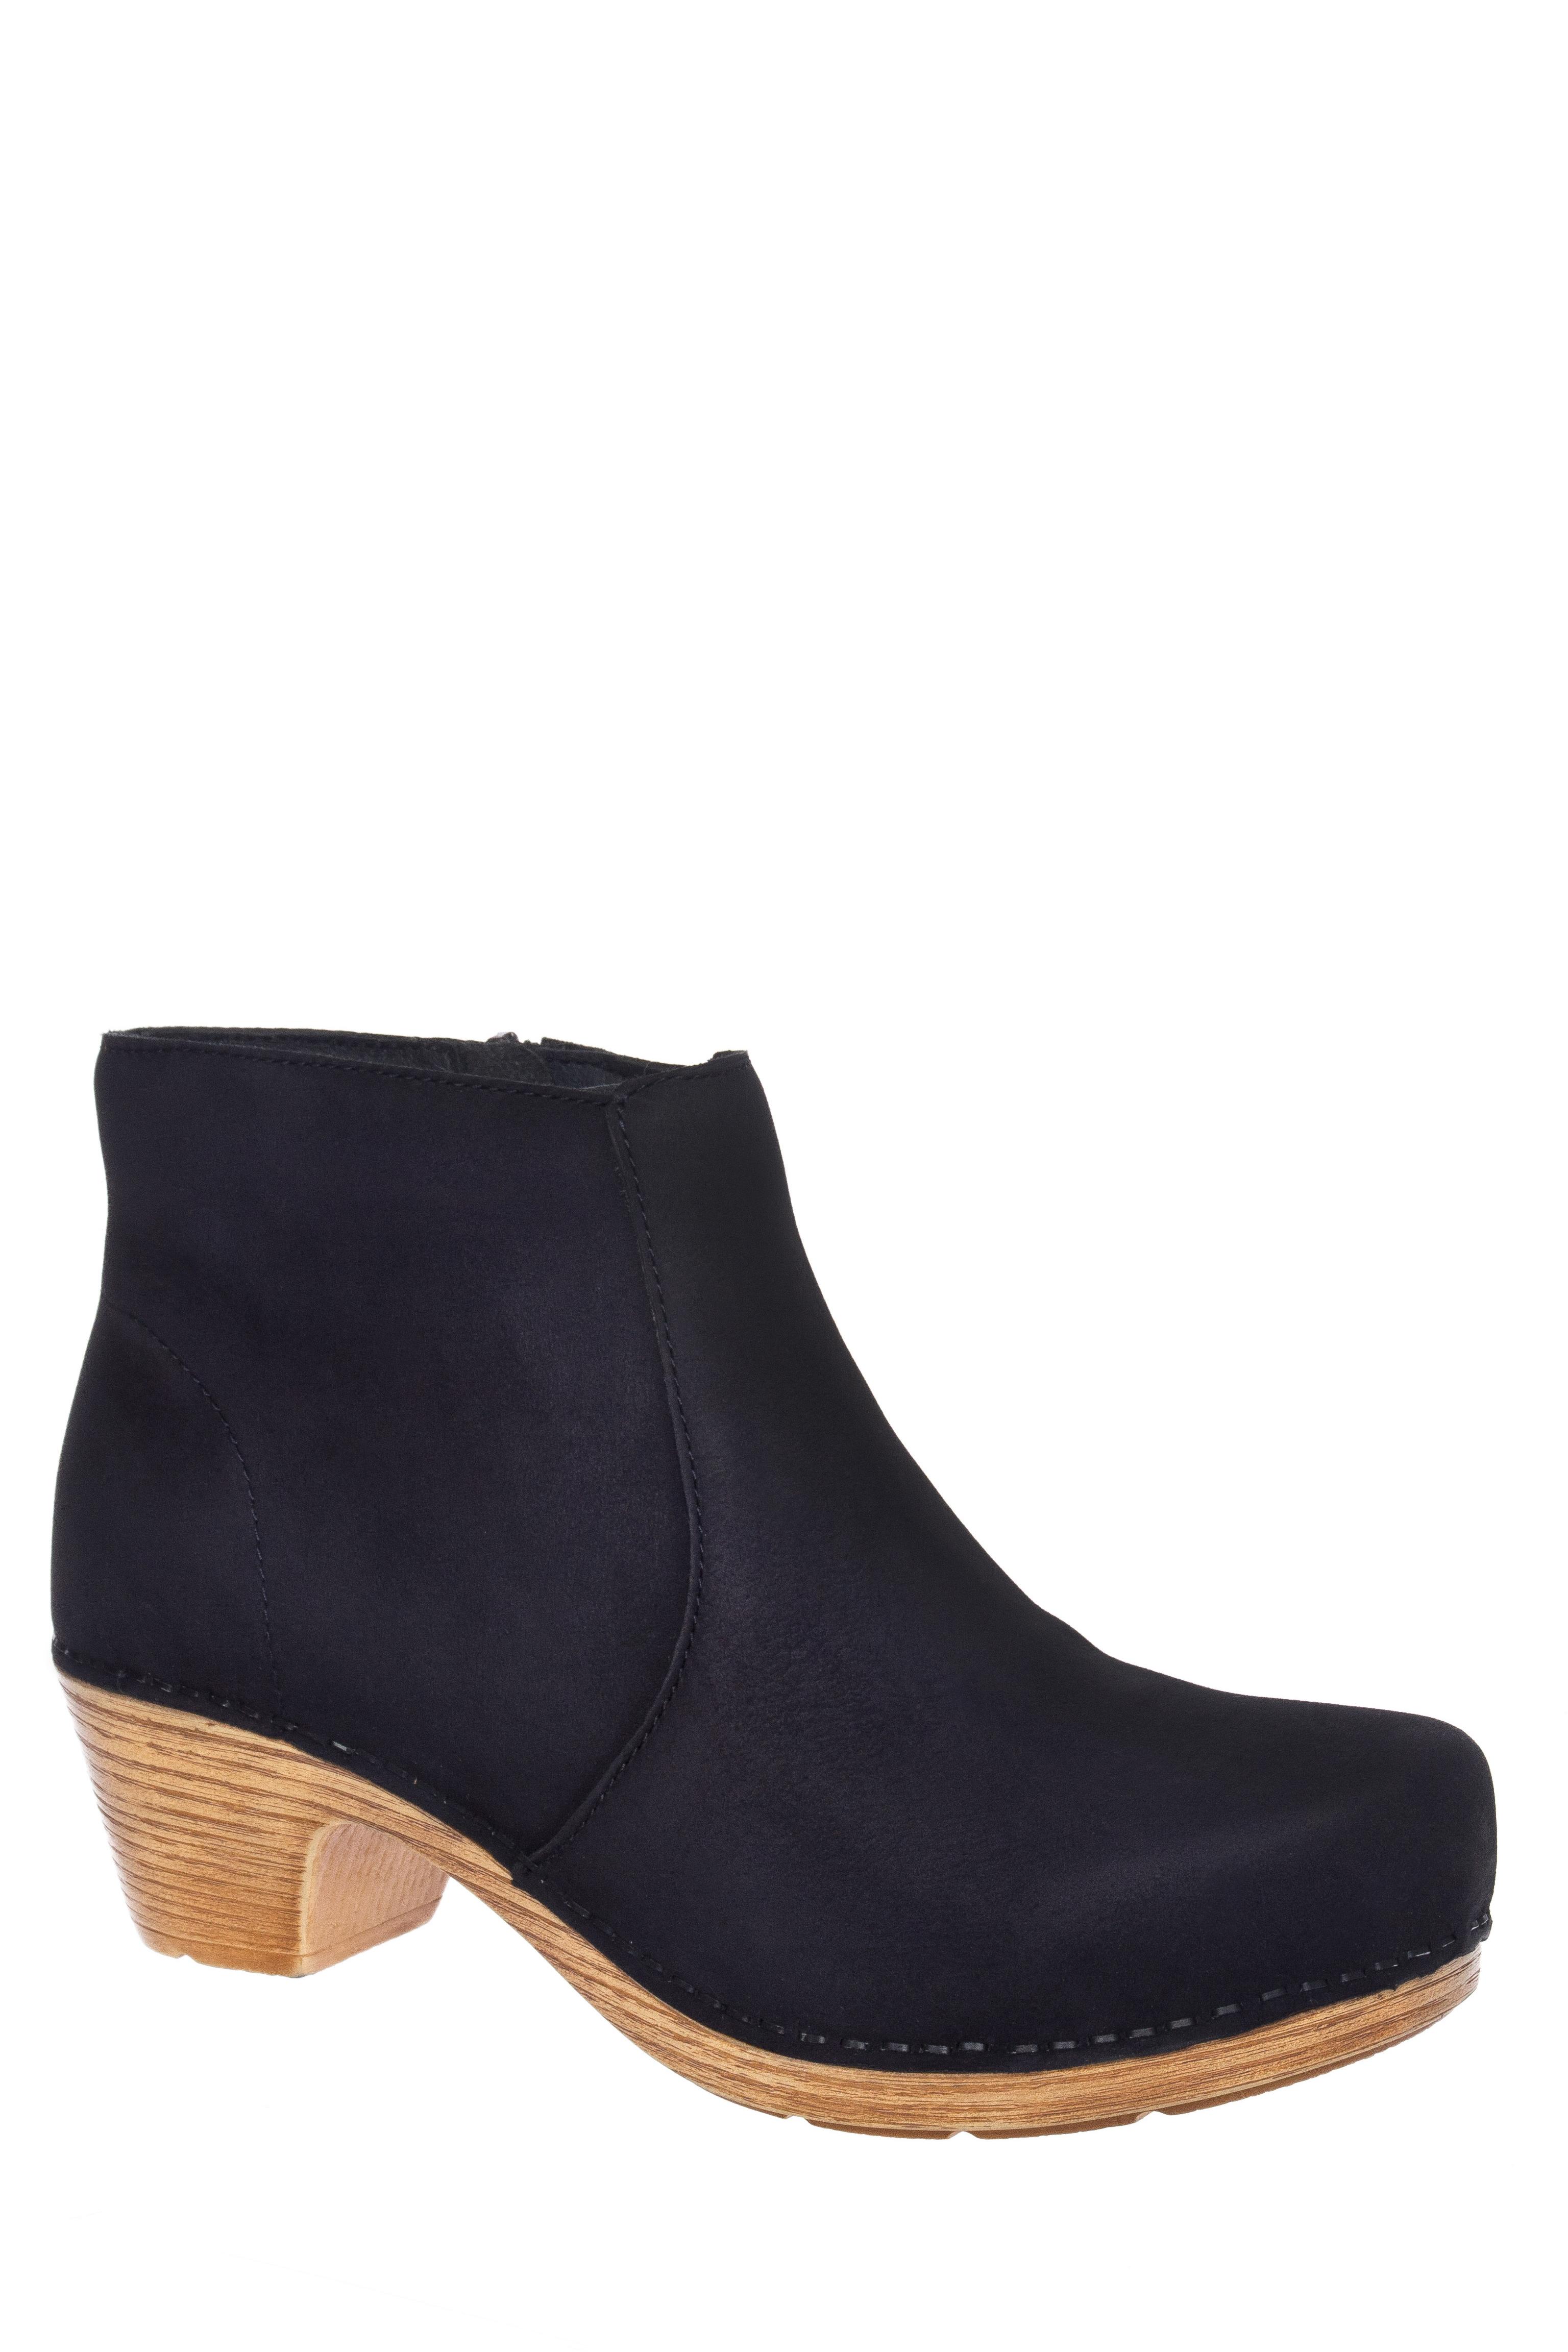 Dansko Maria Low Heel Comfort Boot